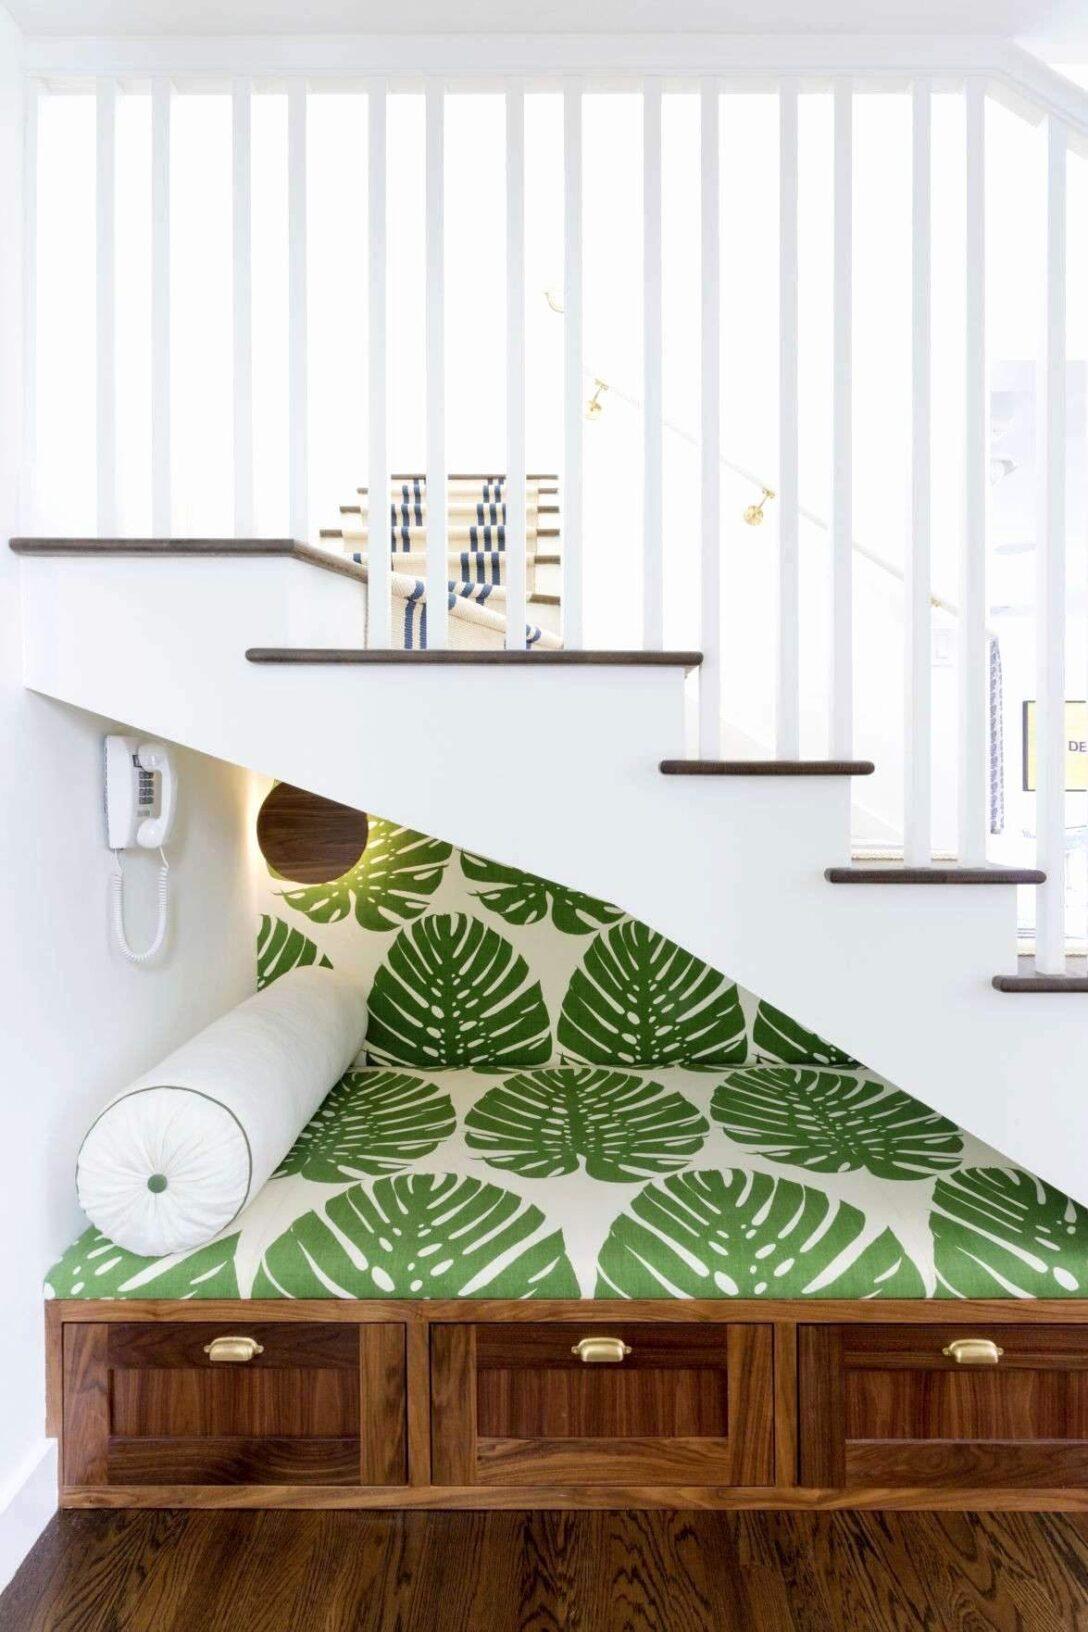 Large Size of Wohnzimmer Deckenleuchte Led Inspirierend Reizend Schlafzimmer Sessel Beleuchtung Decken Gardinen Wandbild Stehleuchte Vitrine Weiß Schrankwand Heizkörper Wohnzimmer Wohnzimmer Deckenleuchte